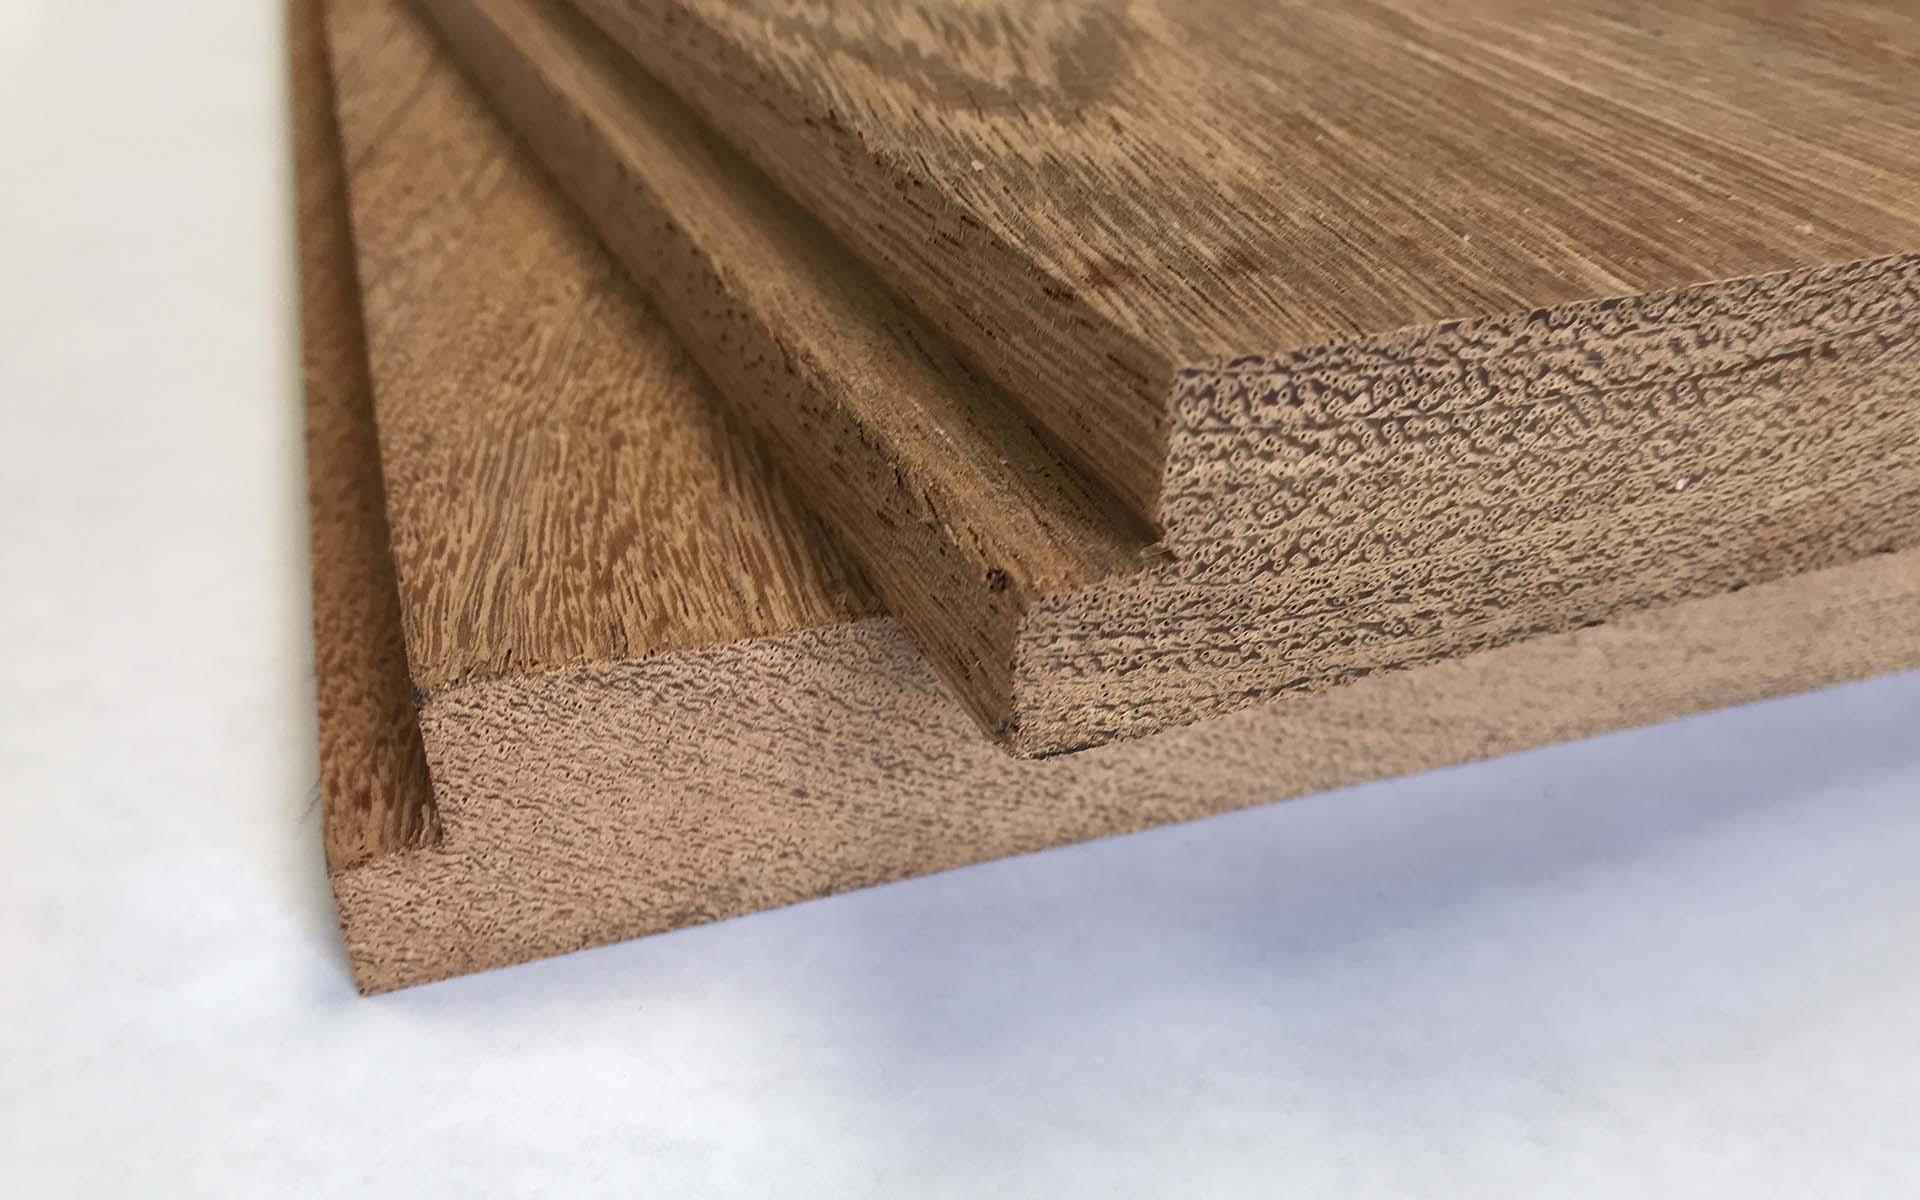 best hardwood flooring reno nv of buy trailer decking apitong shiplap rough boards truck flooring throughout 3 angelim pedra shiplap close up